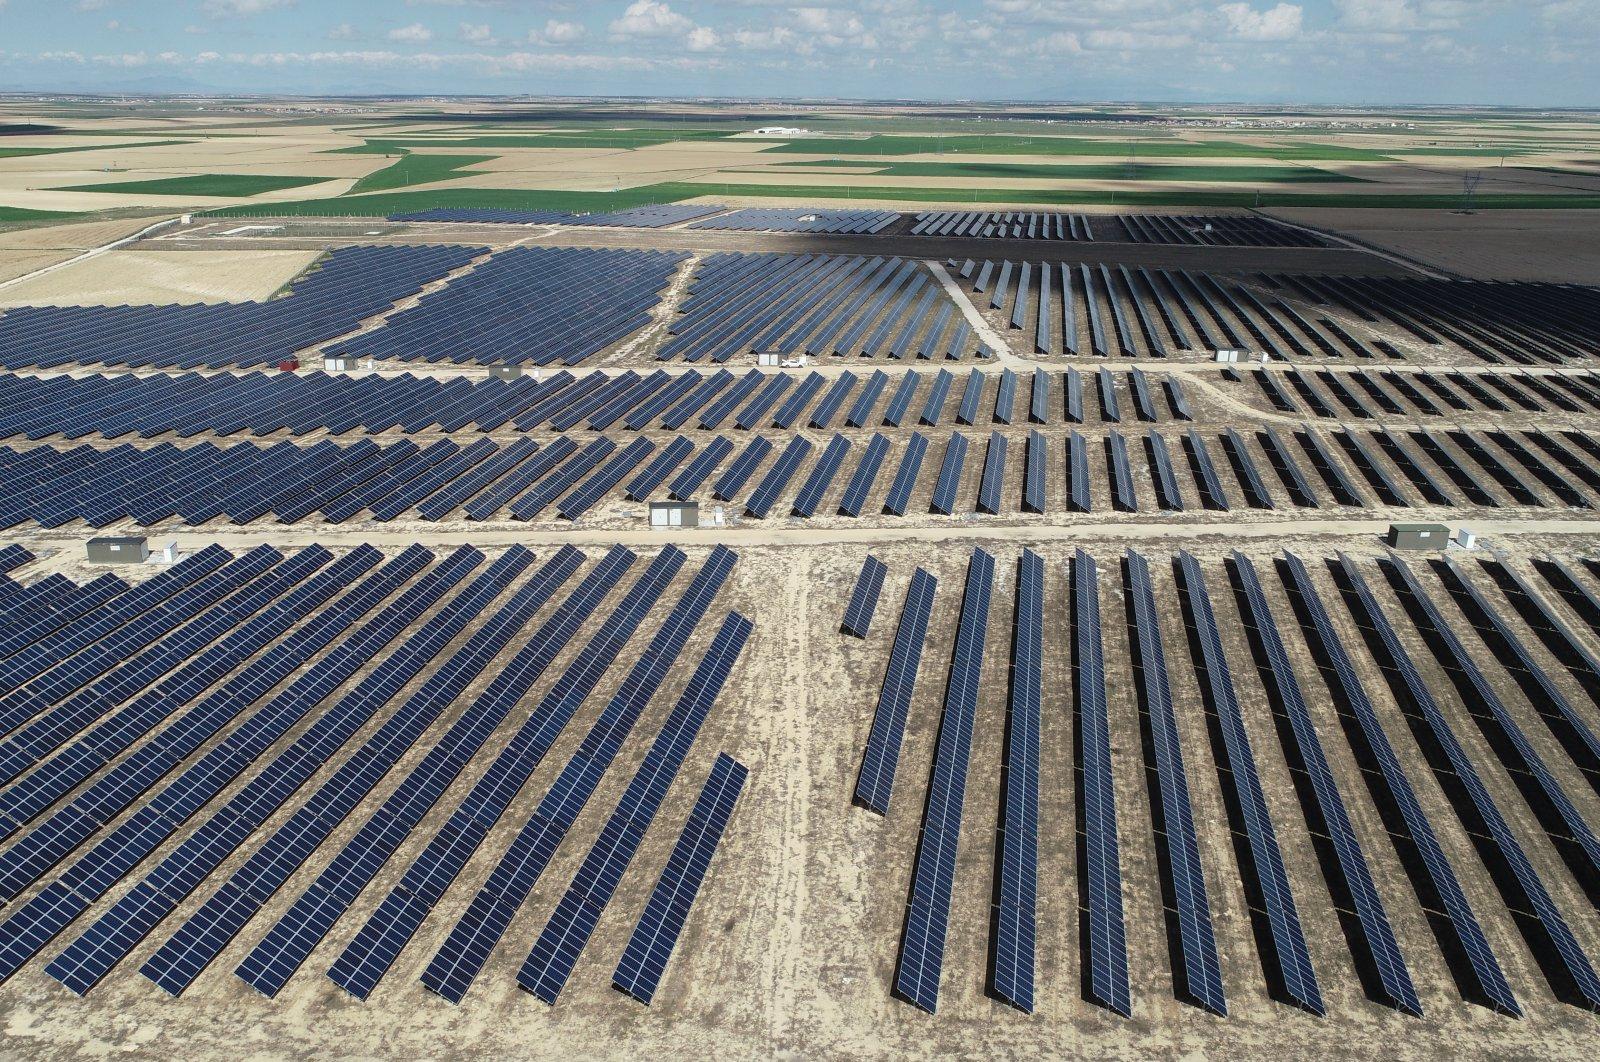 Solar panels at the Karapınar district of Konya, central Turkey, May 6, 2020. (AA Photo)